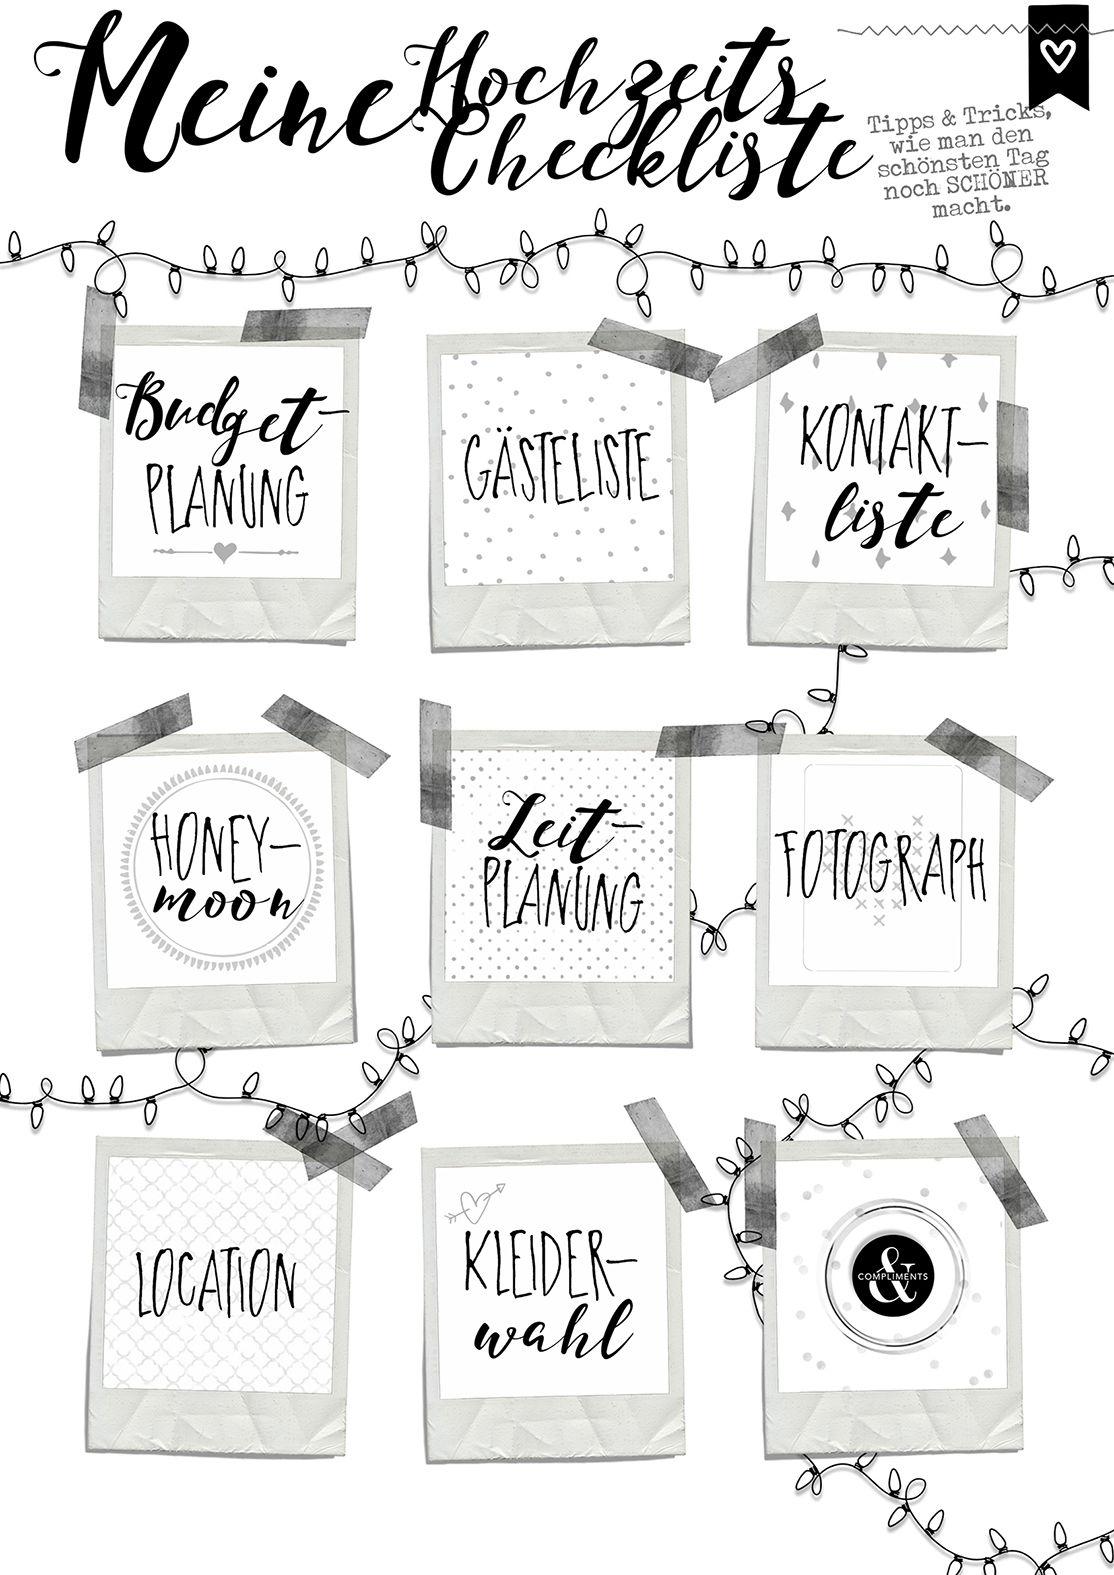 hochzeitscheckliste zeitplanung hochzeitsplaner mit kalender 2017 download hochzeitsplanung. Black Bedroom Furniture Sets. Home Design Ideas